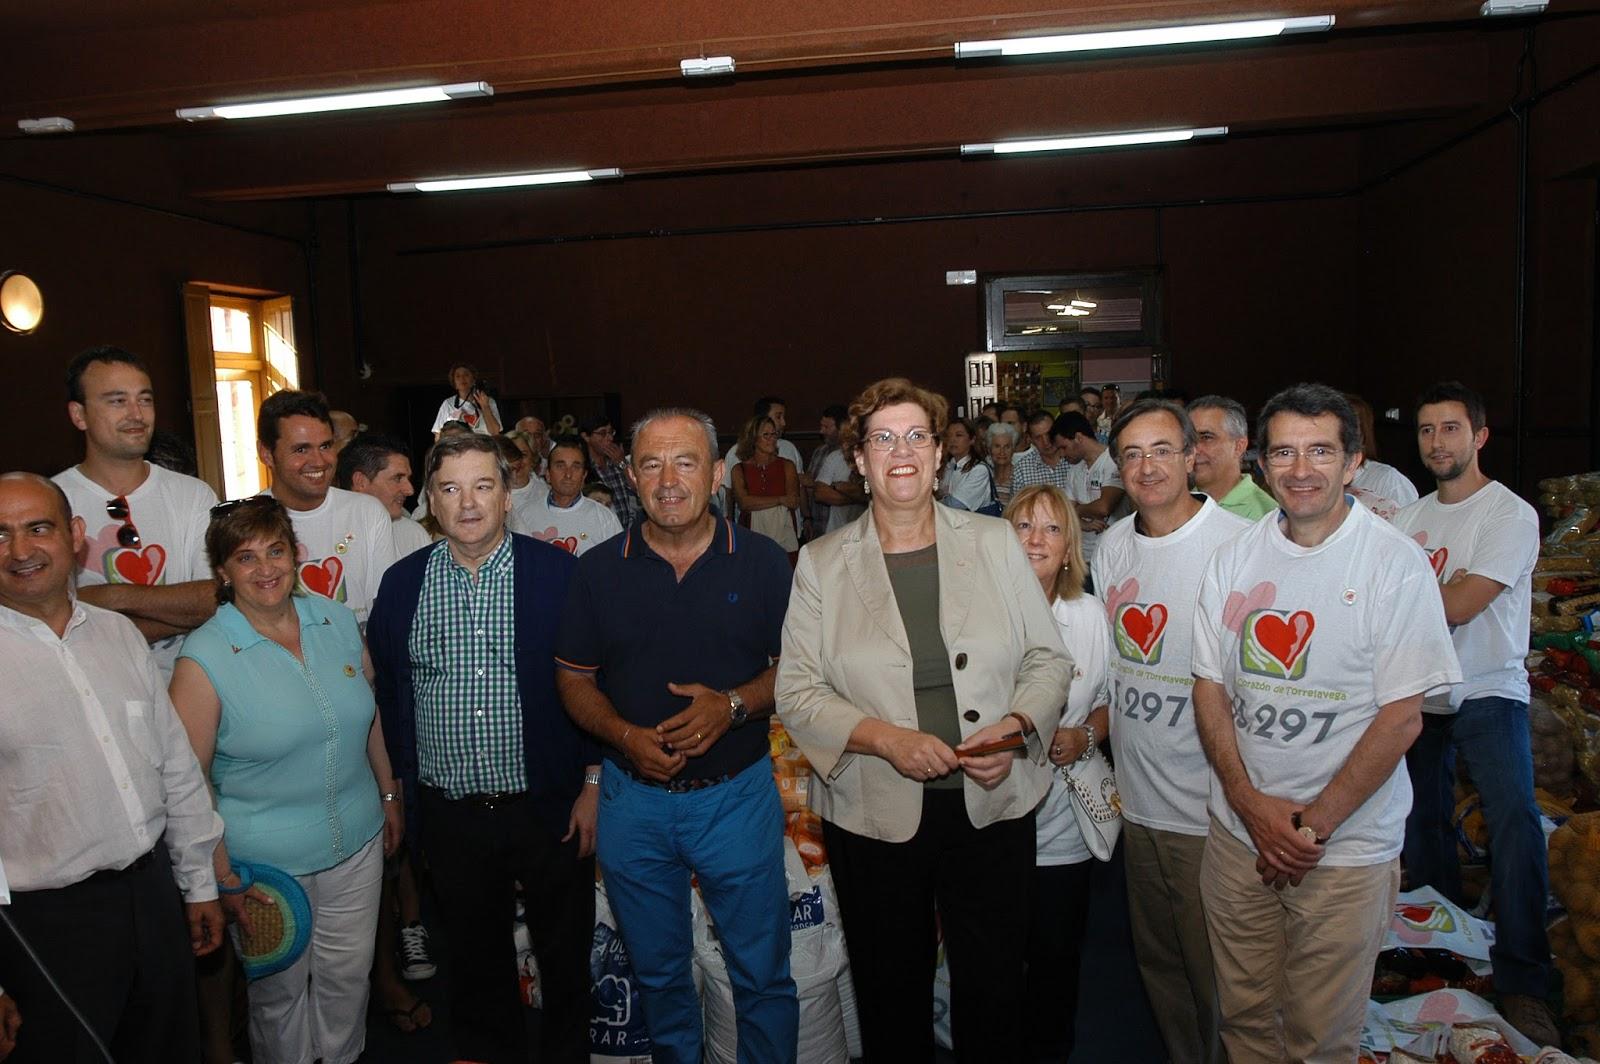 Encuentra Chicas Solteras en Torrelavega con HombresalaCarta